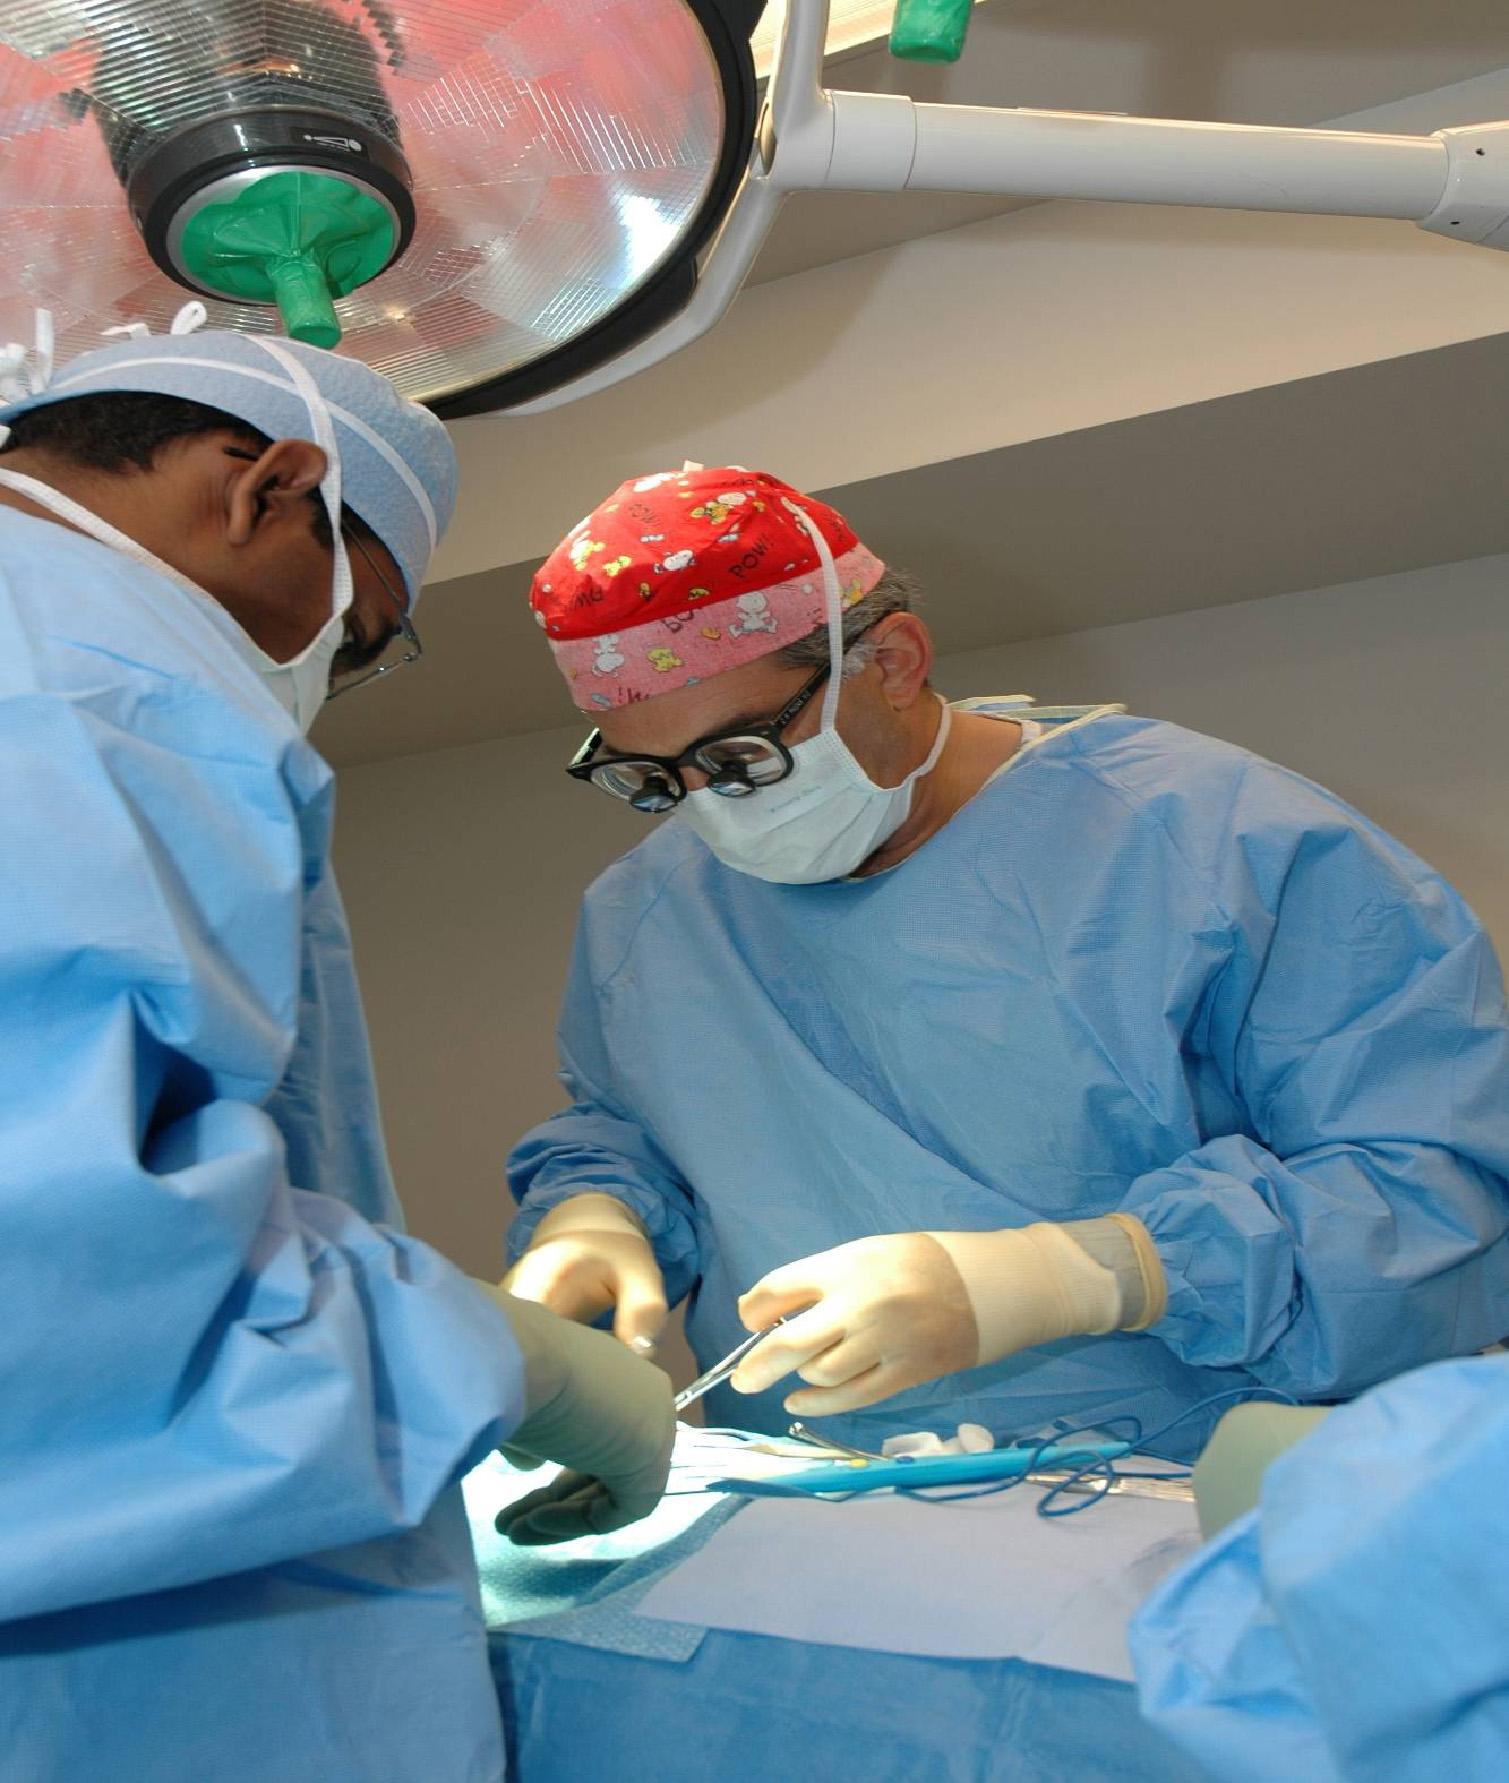 Full Spectrum Pediatric Surgical Care